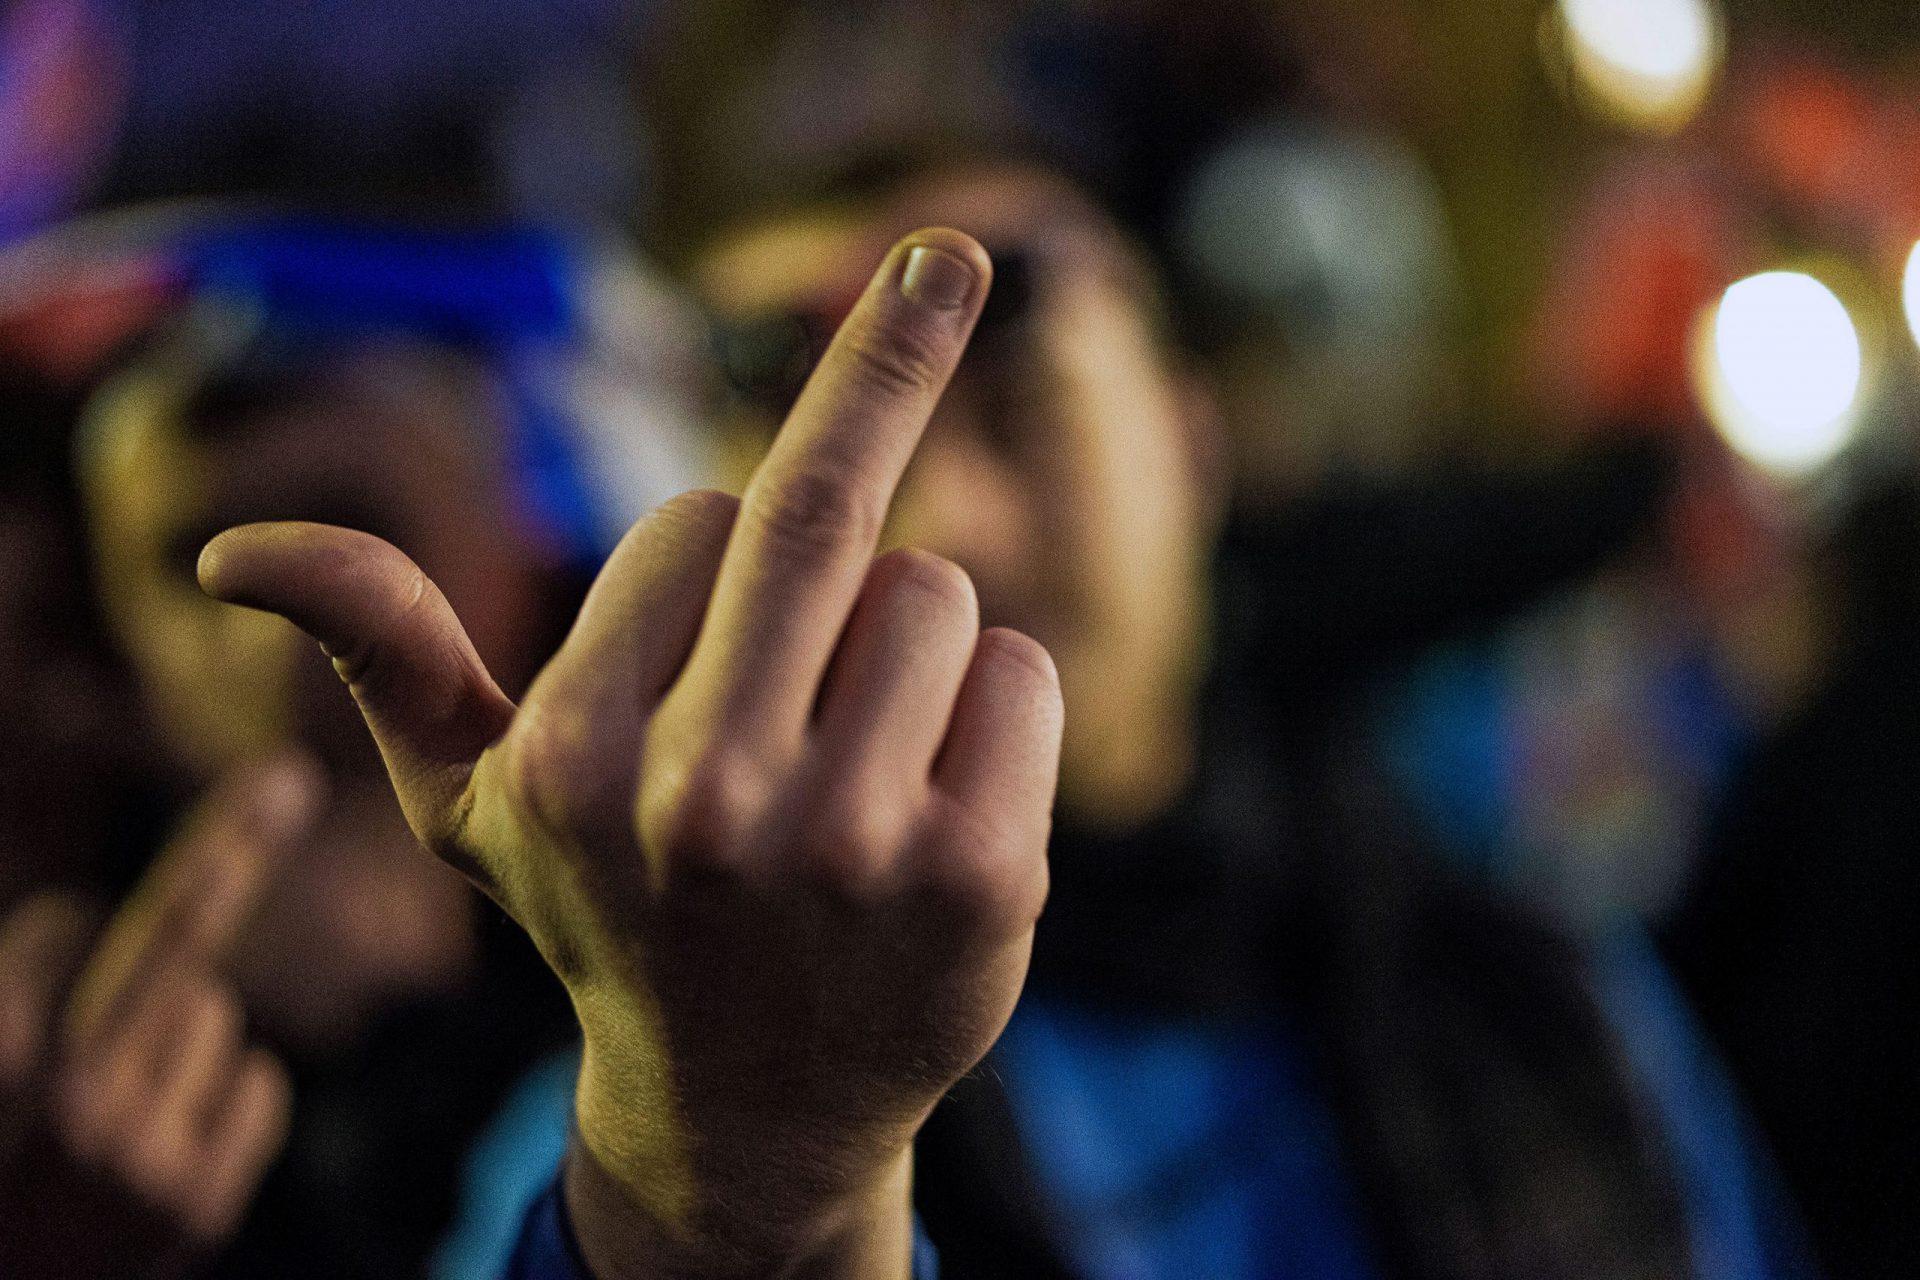 One of rengers fan show fuck finger